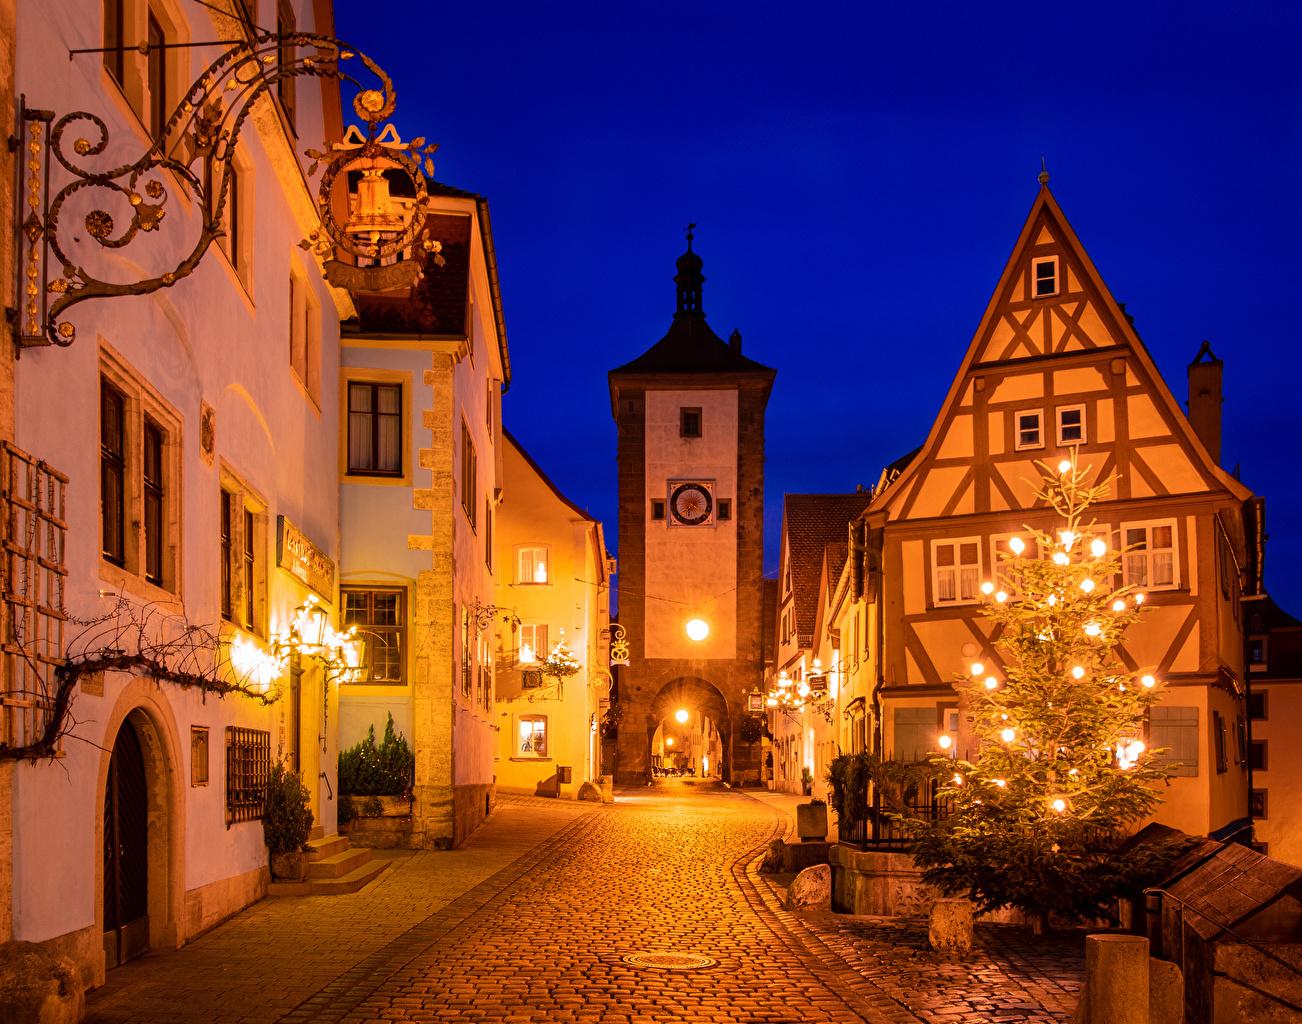 Картинки Бавария Германия Новый год Rothenburg ob der Tauber Елка Улица Ночные Уличные фонари Дома город Рождество Новогодняя ёлка улиц улице Ночь ночью в ночи Города Здания